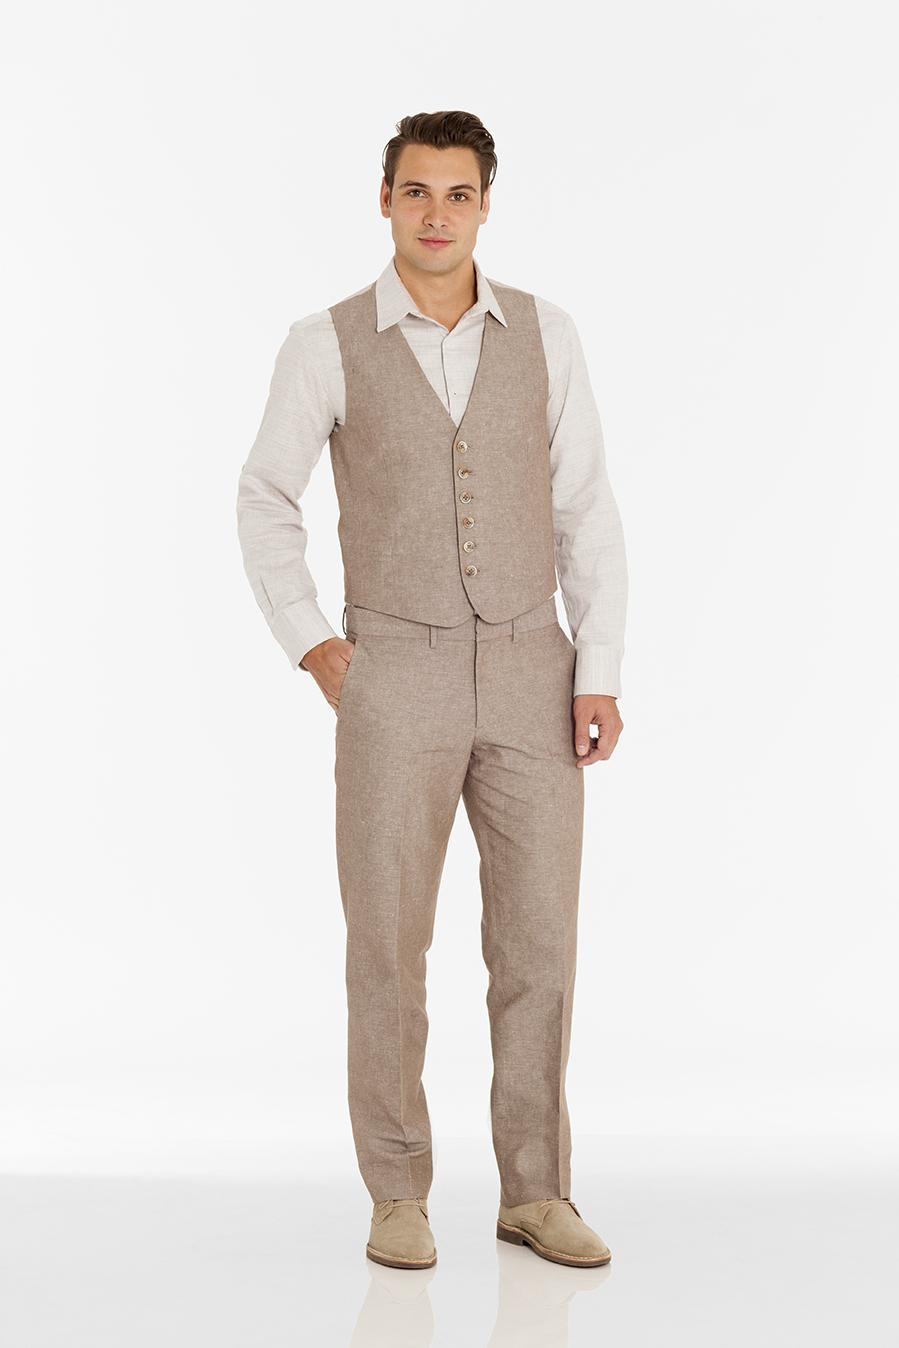 Vest 1219 Shirt 610 Pant 260